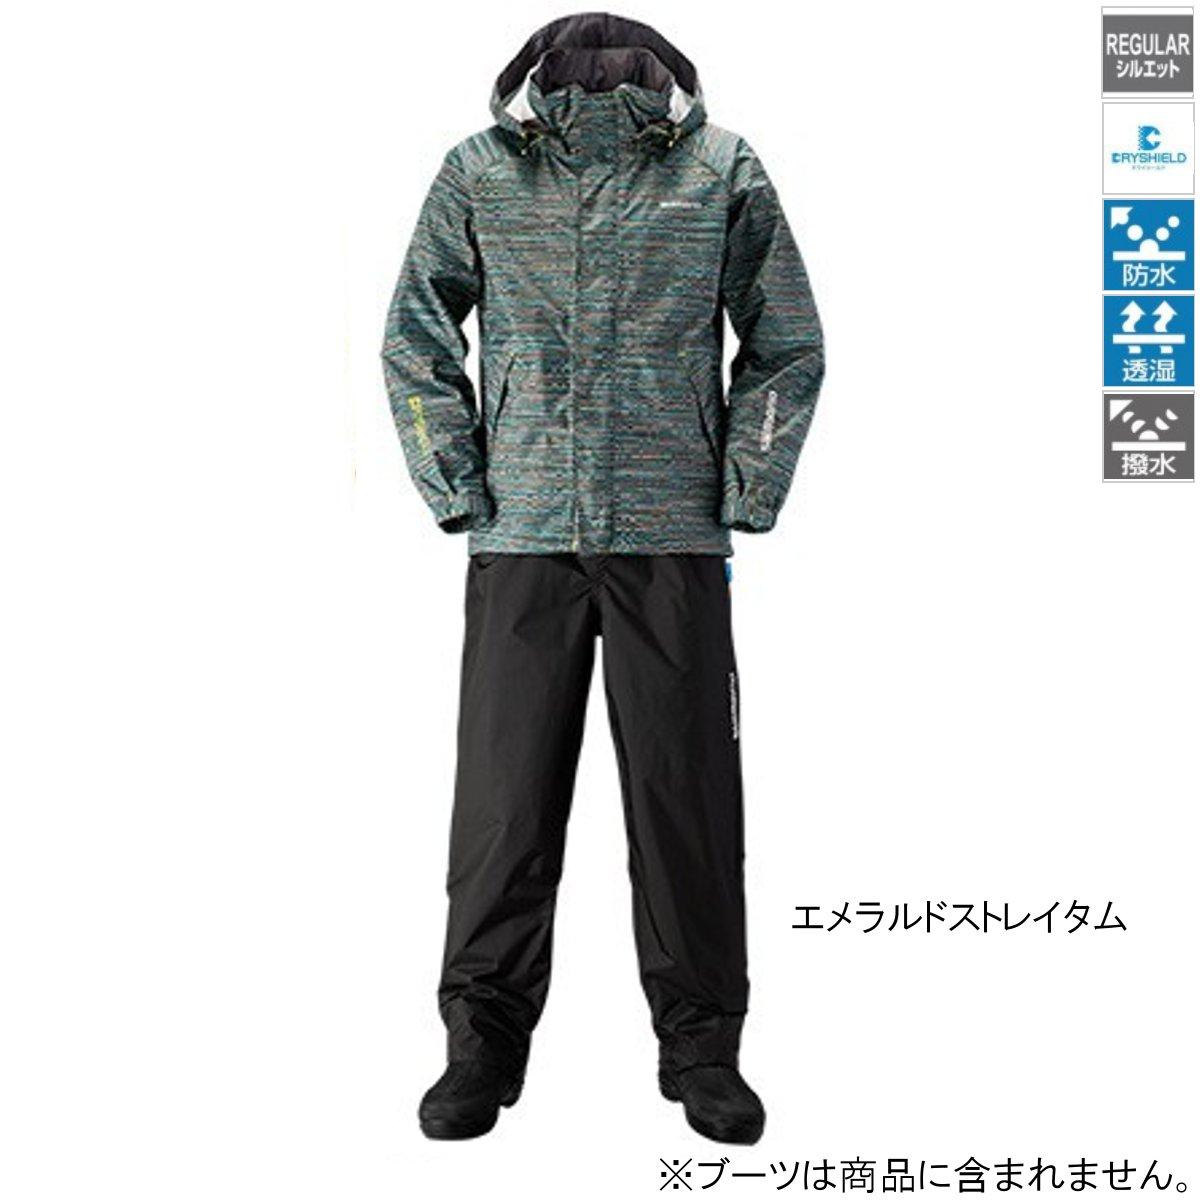 シマノ DSベーシックスーツ RA-027Q 2XL エメラルドストレイタム